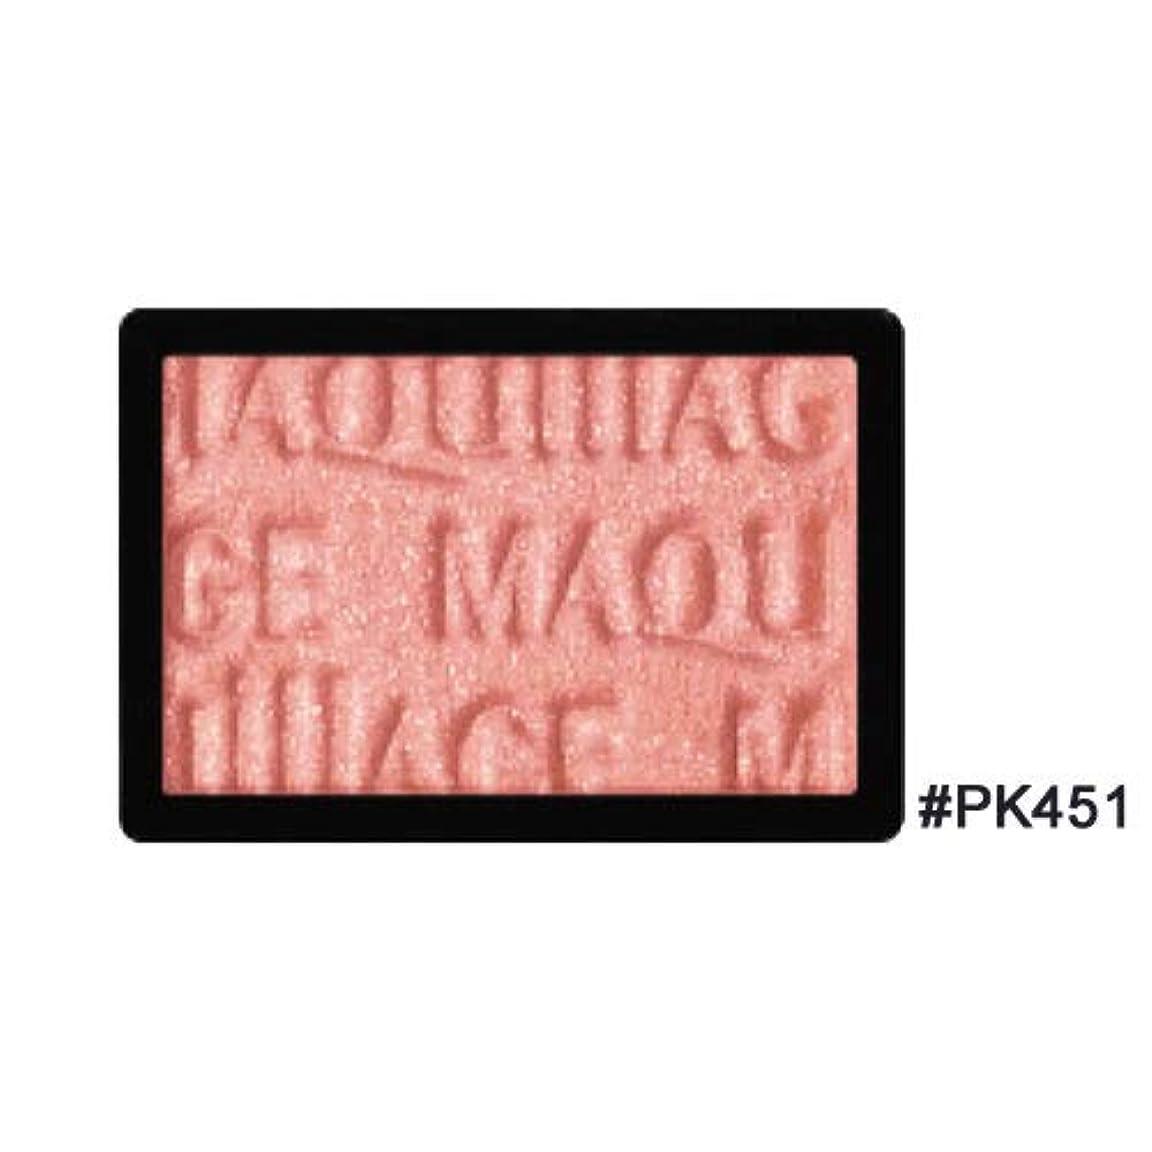 インフラ期間受け入れ資生堂 SHISEIDO マキアージュ アイカラー N (パウダー) レフィル #PK451 [並行輸入品]